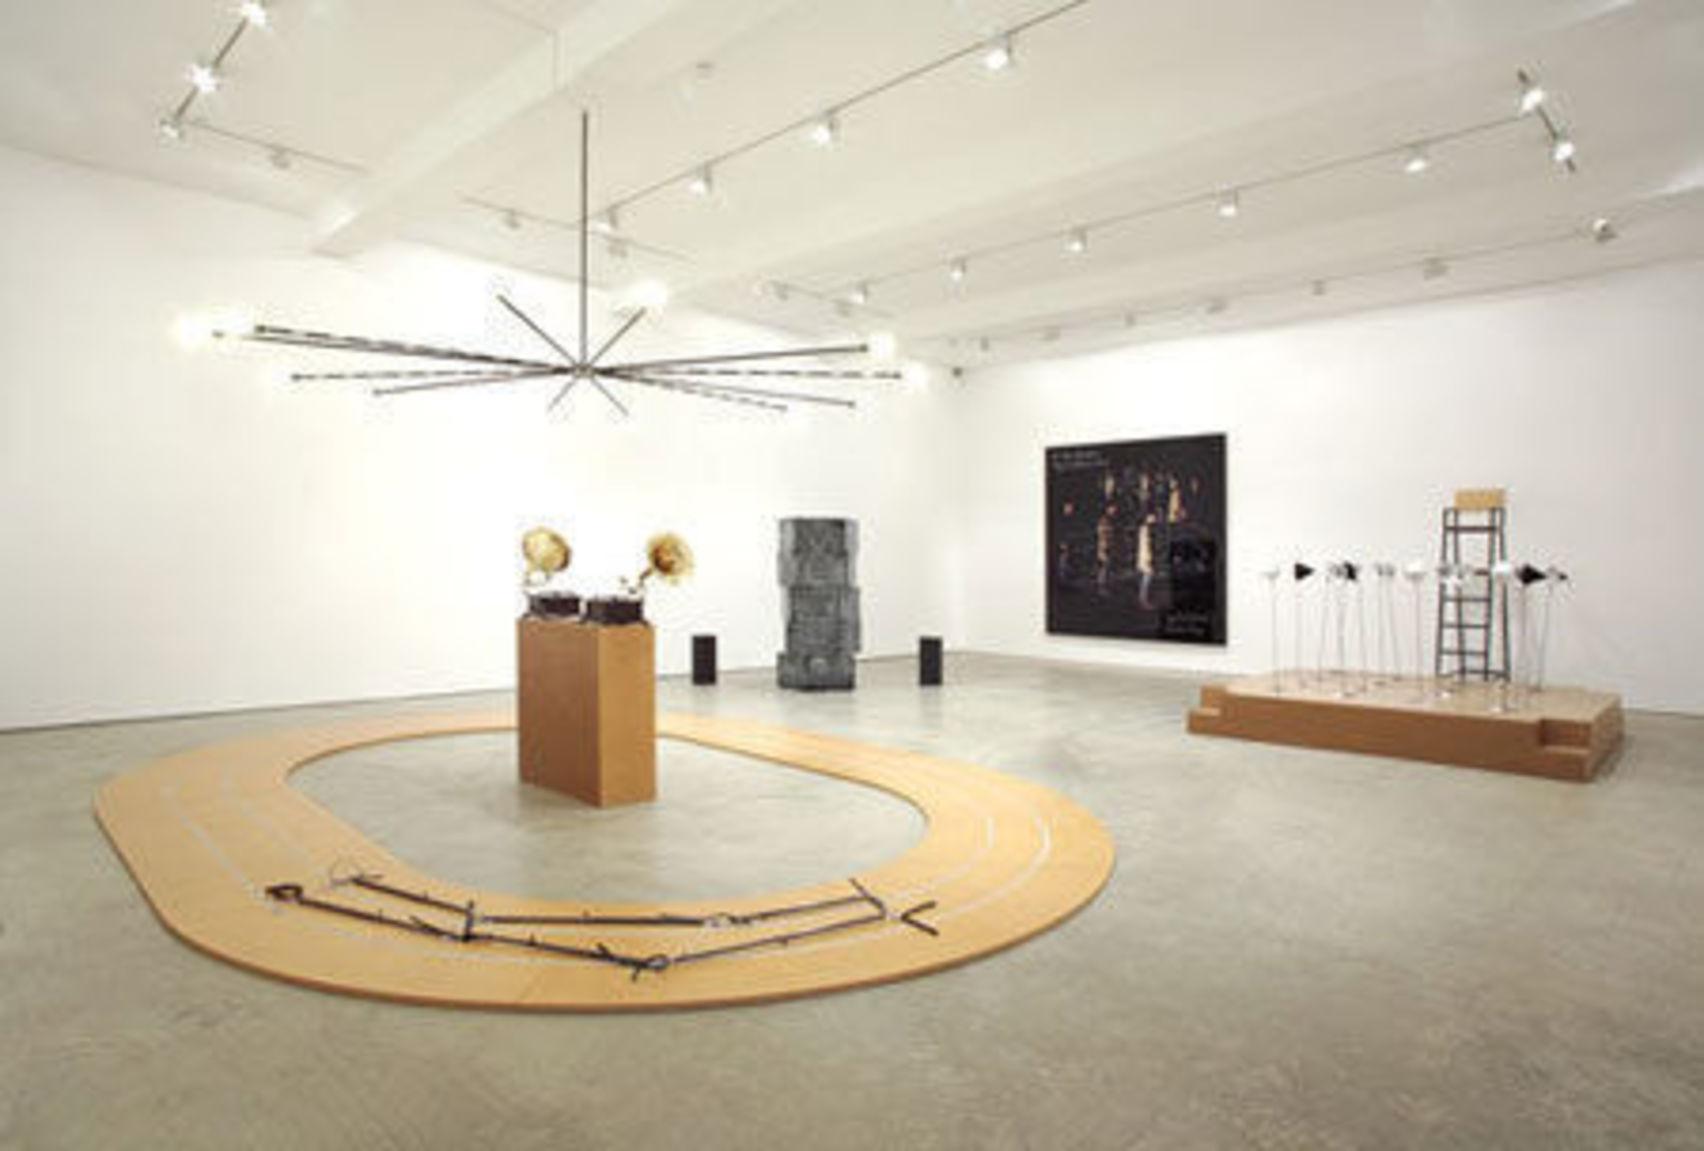 Lower Gallery, Wilkinson Gallery